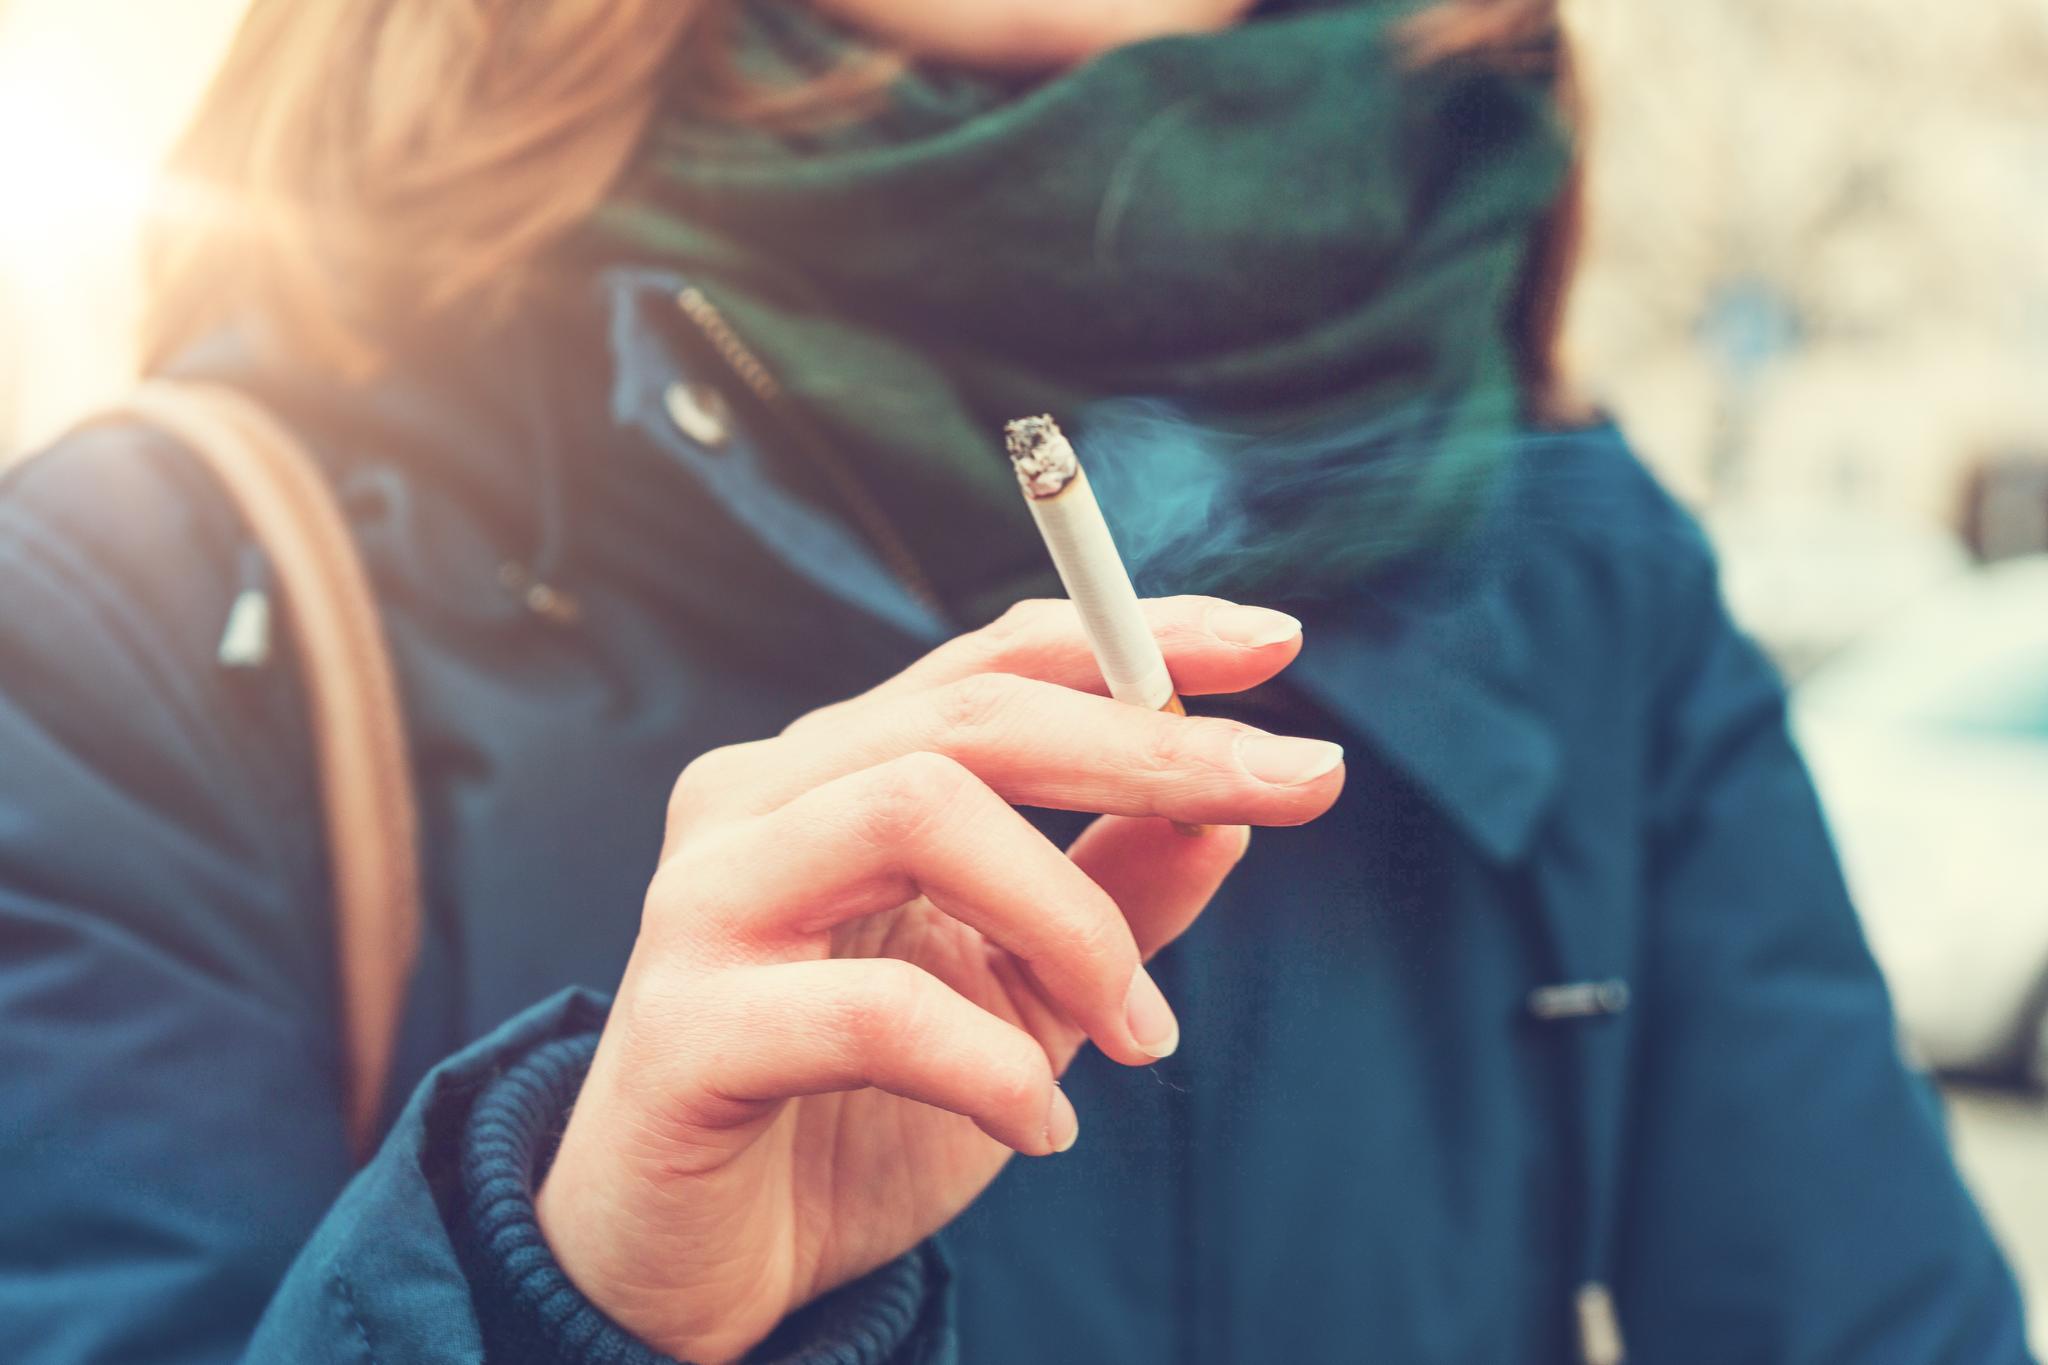 nach wie vielen zigaretten wird man süchtig